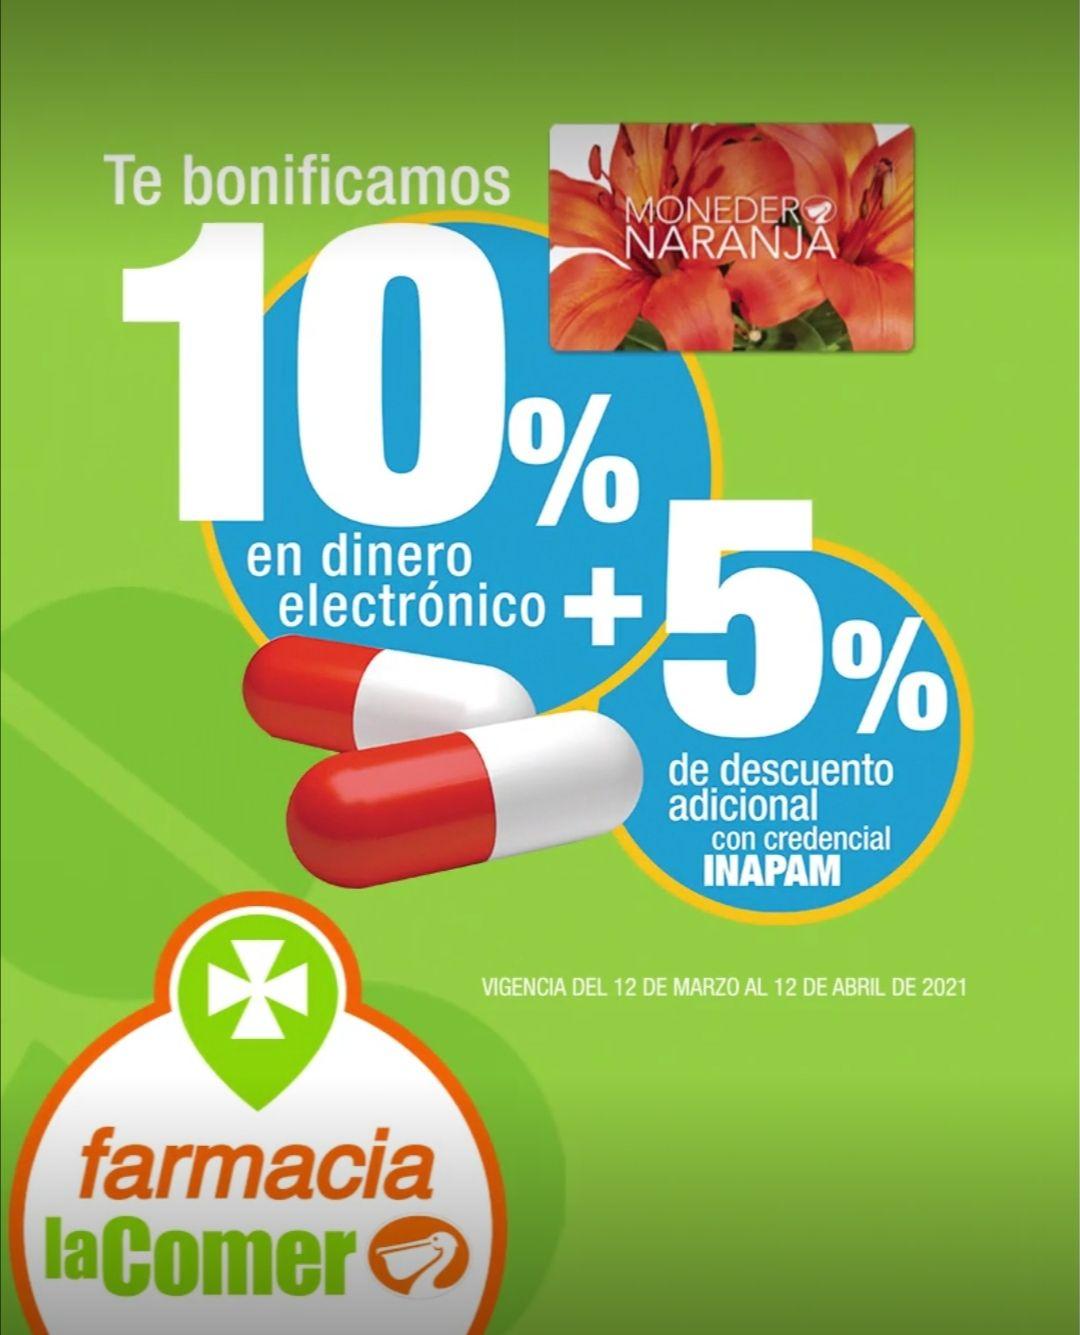 La Comer: 10% de bonificación en dinero electrónico en Monedero Naranja en toda la farmacia + 5% descuento con INAPAM